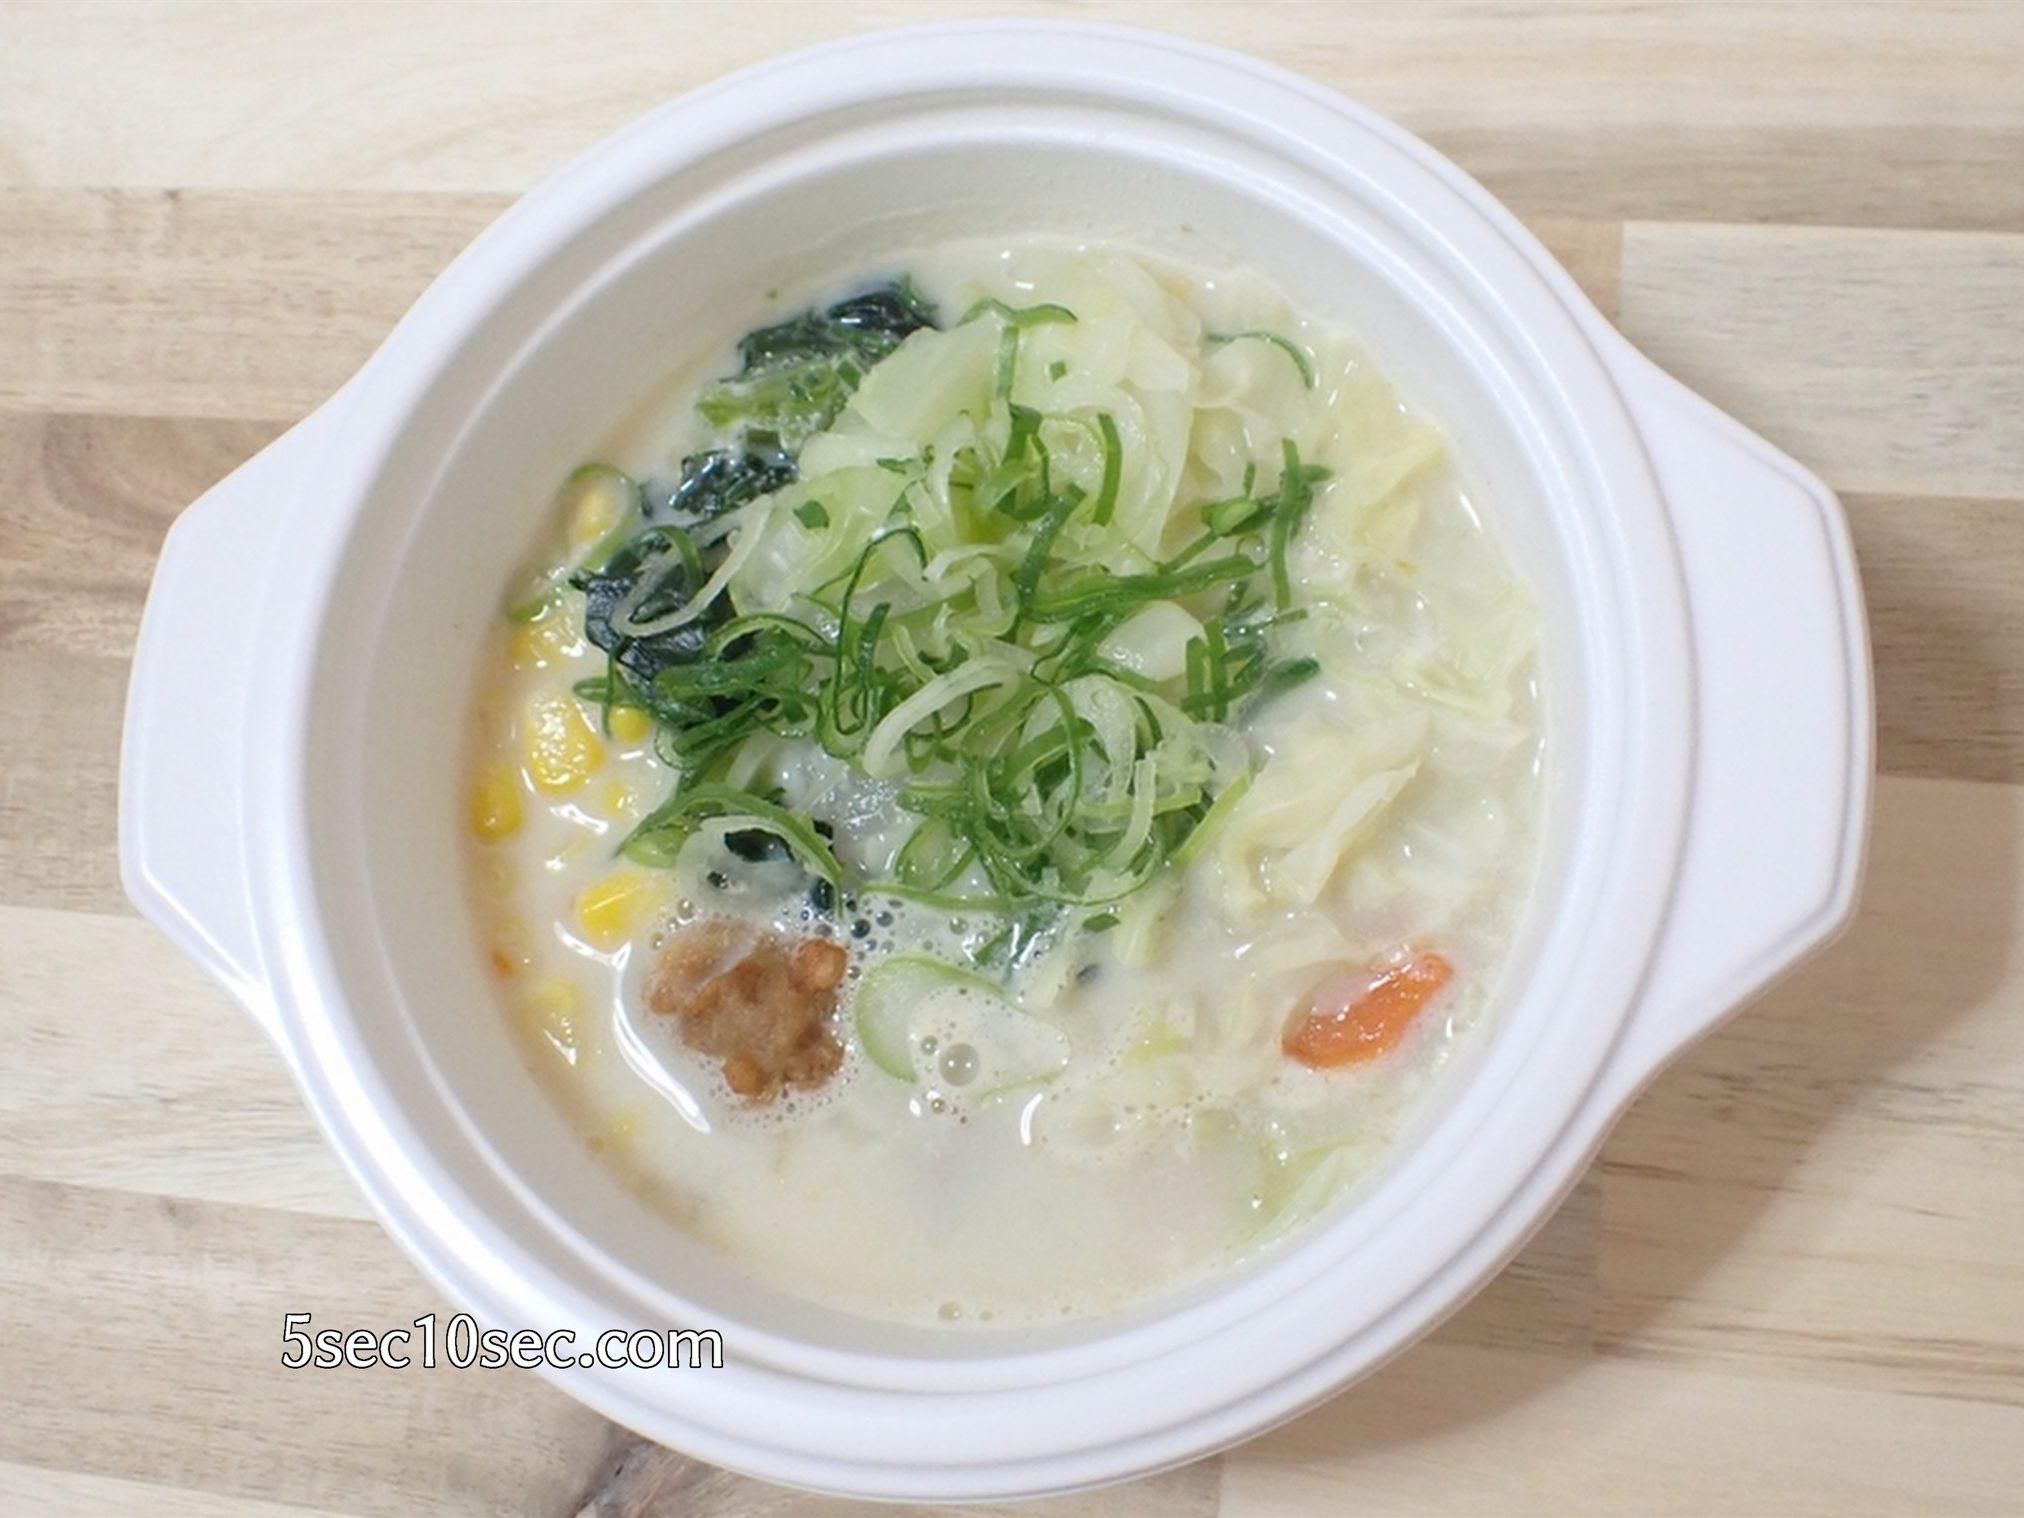 ウェルネスダイニング ベジ活スープ食 ごま豆乳 電子レンジで温めて解凍後の写真